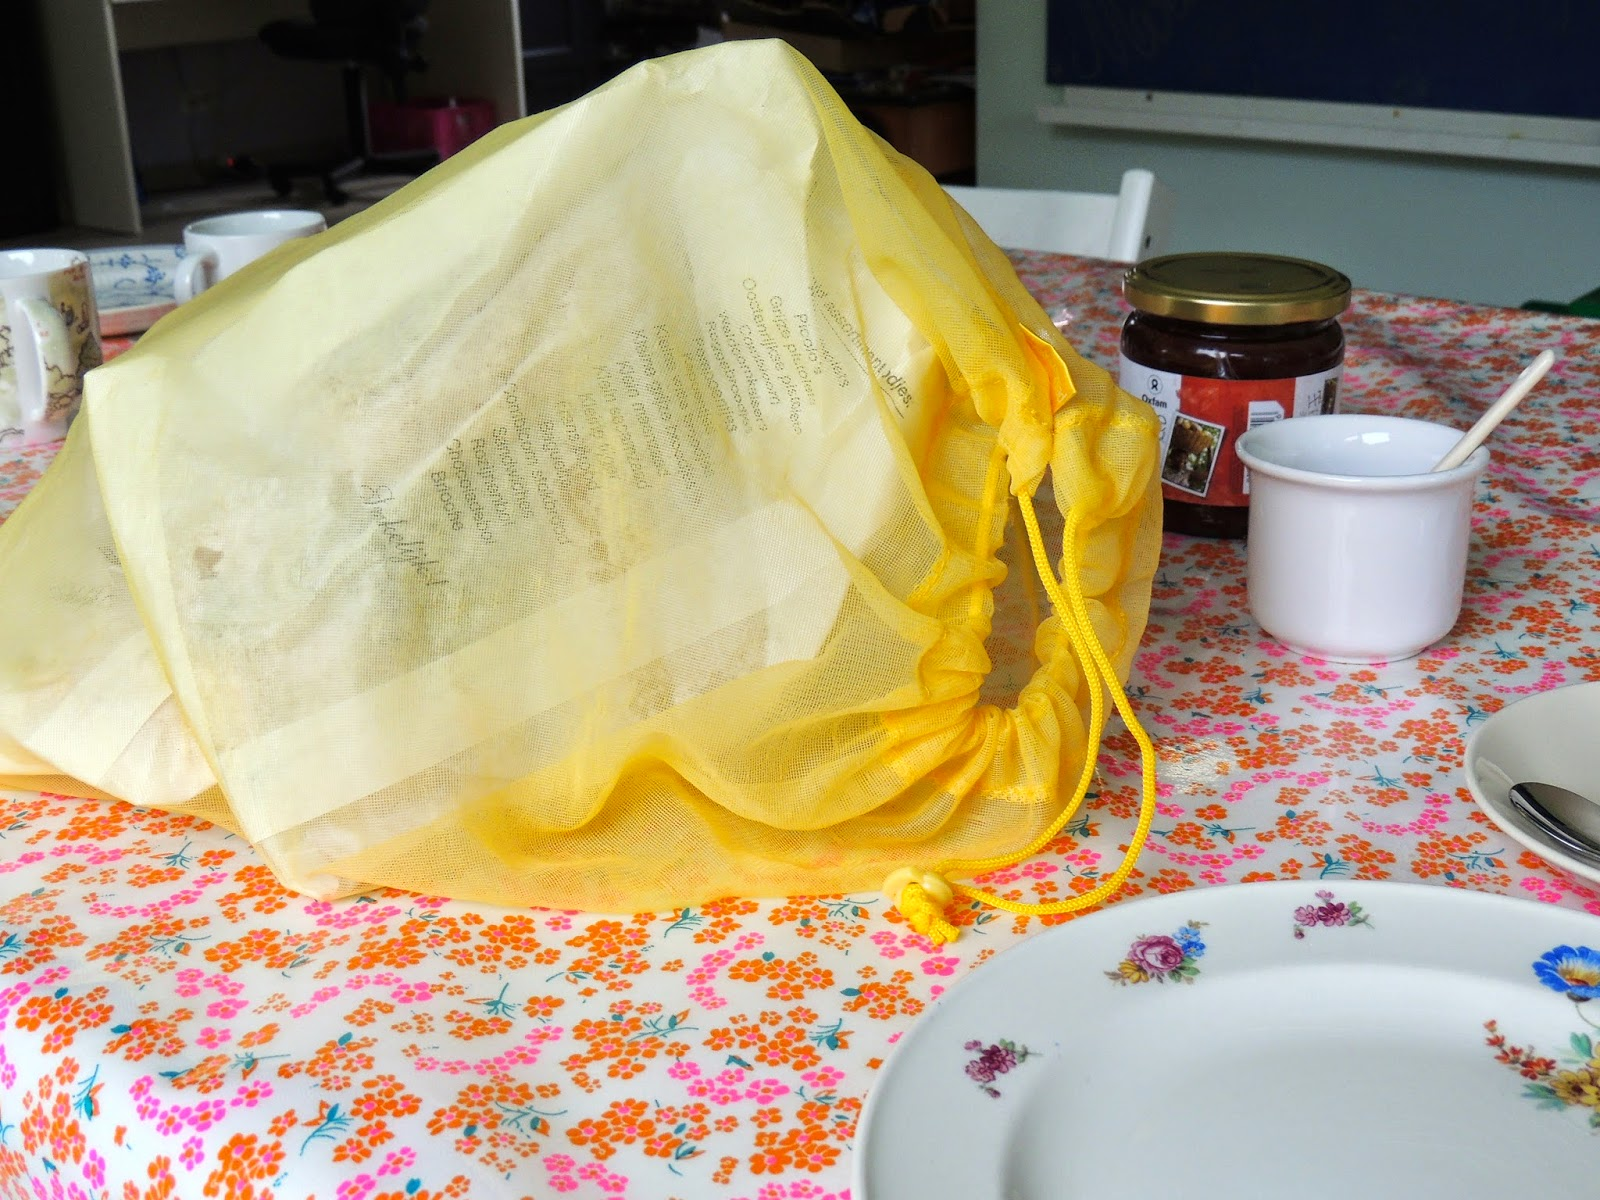 Nowelja over herbruikbaar shoppen for Papieren broodzakjes